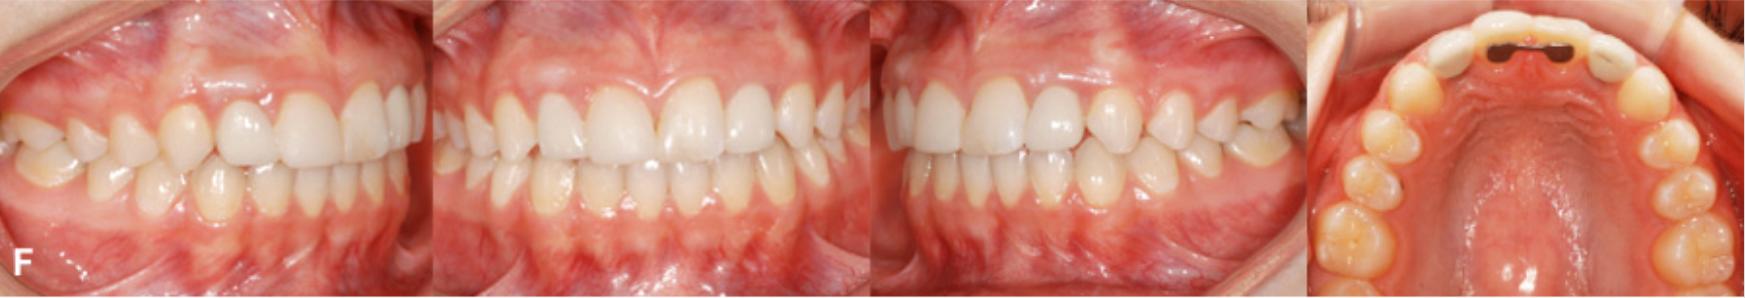 5 1 - فقدان مادرزادی دندان